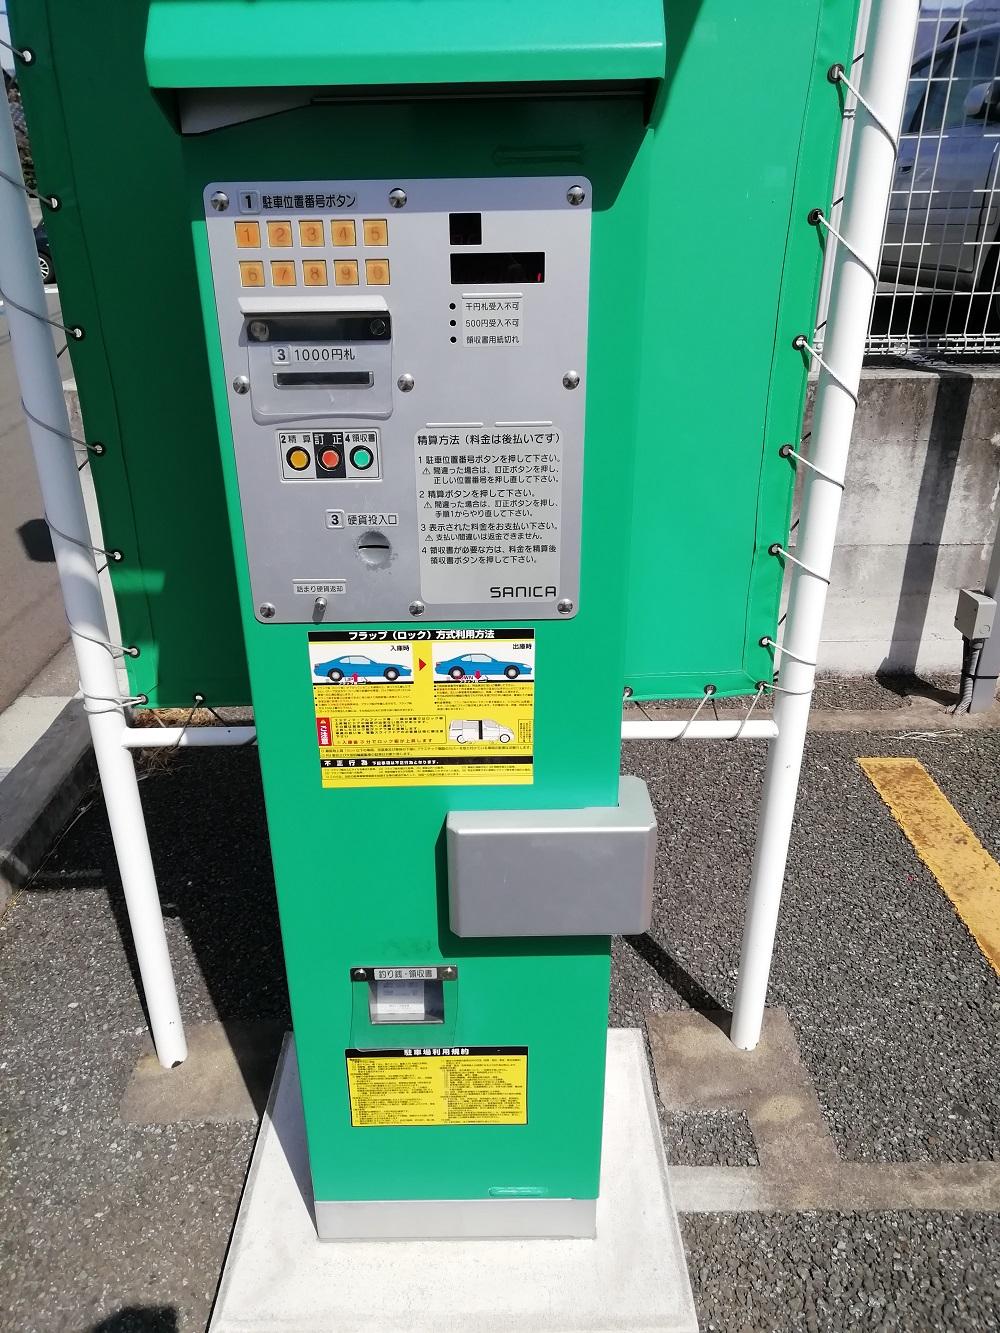 朝日二丁目駐車場精算機